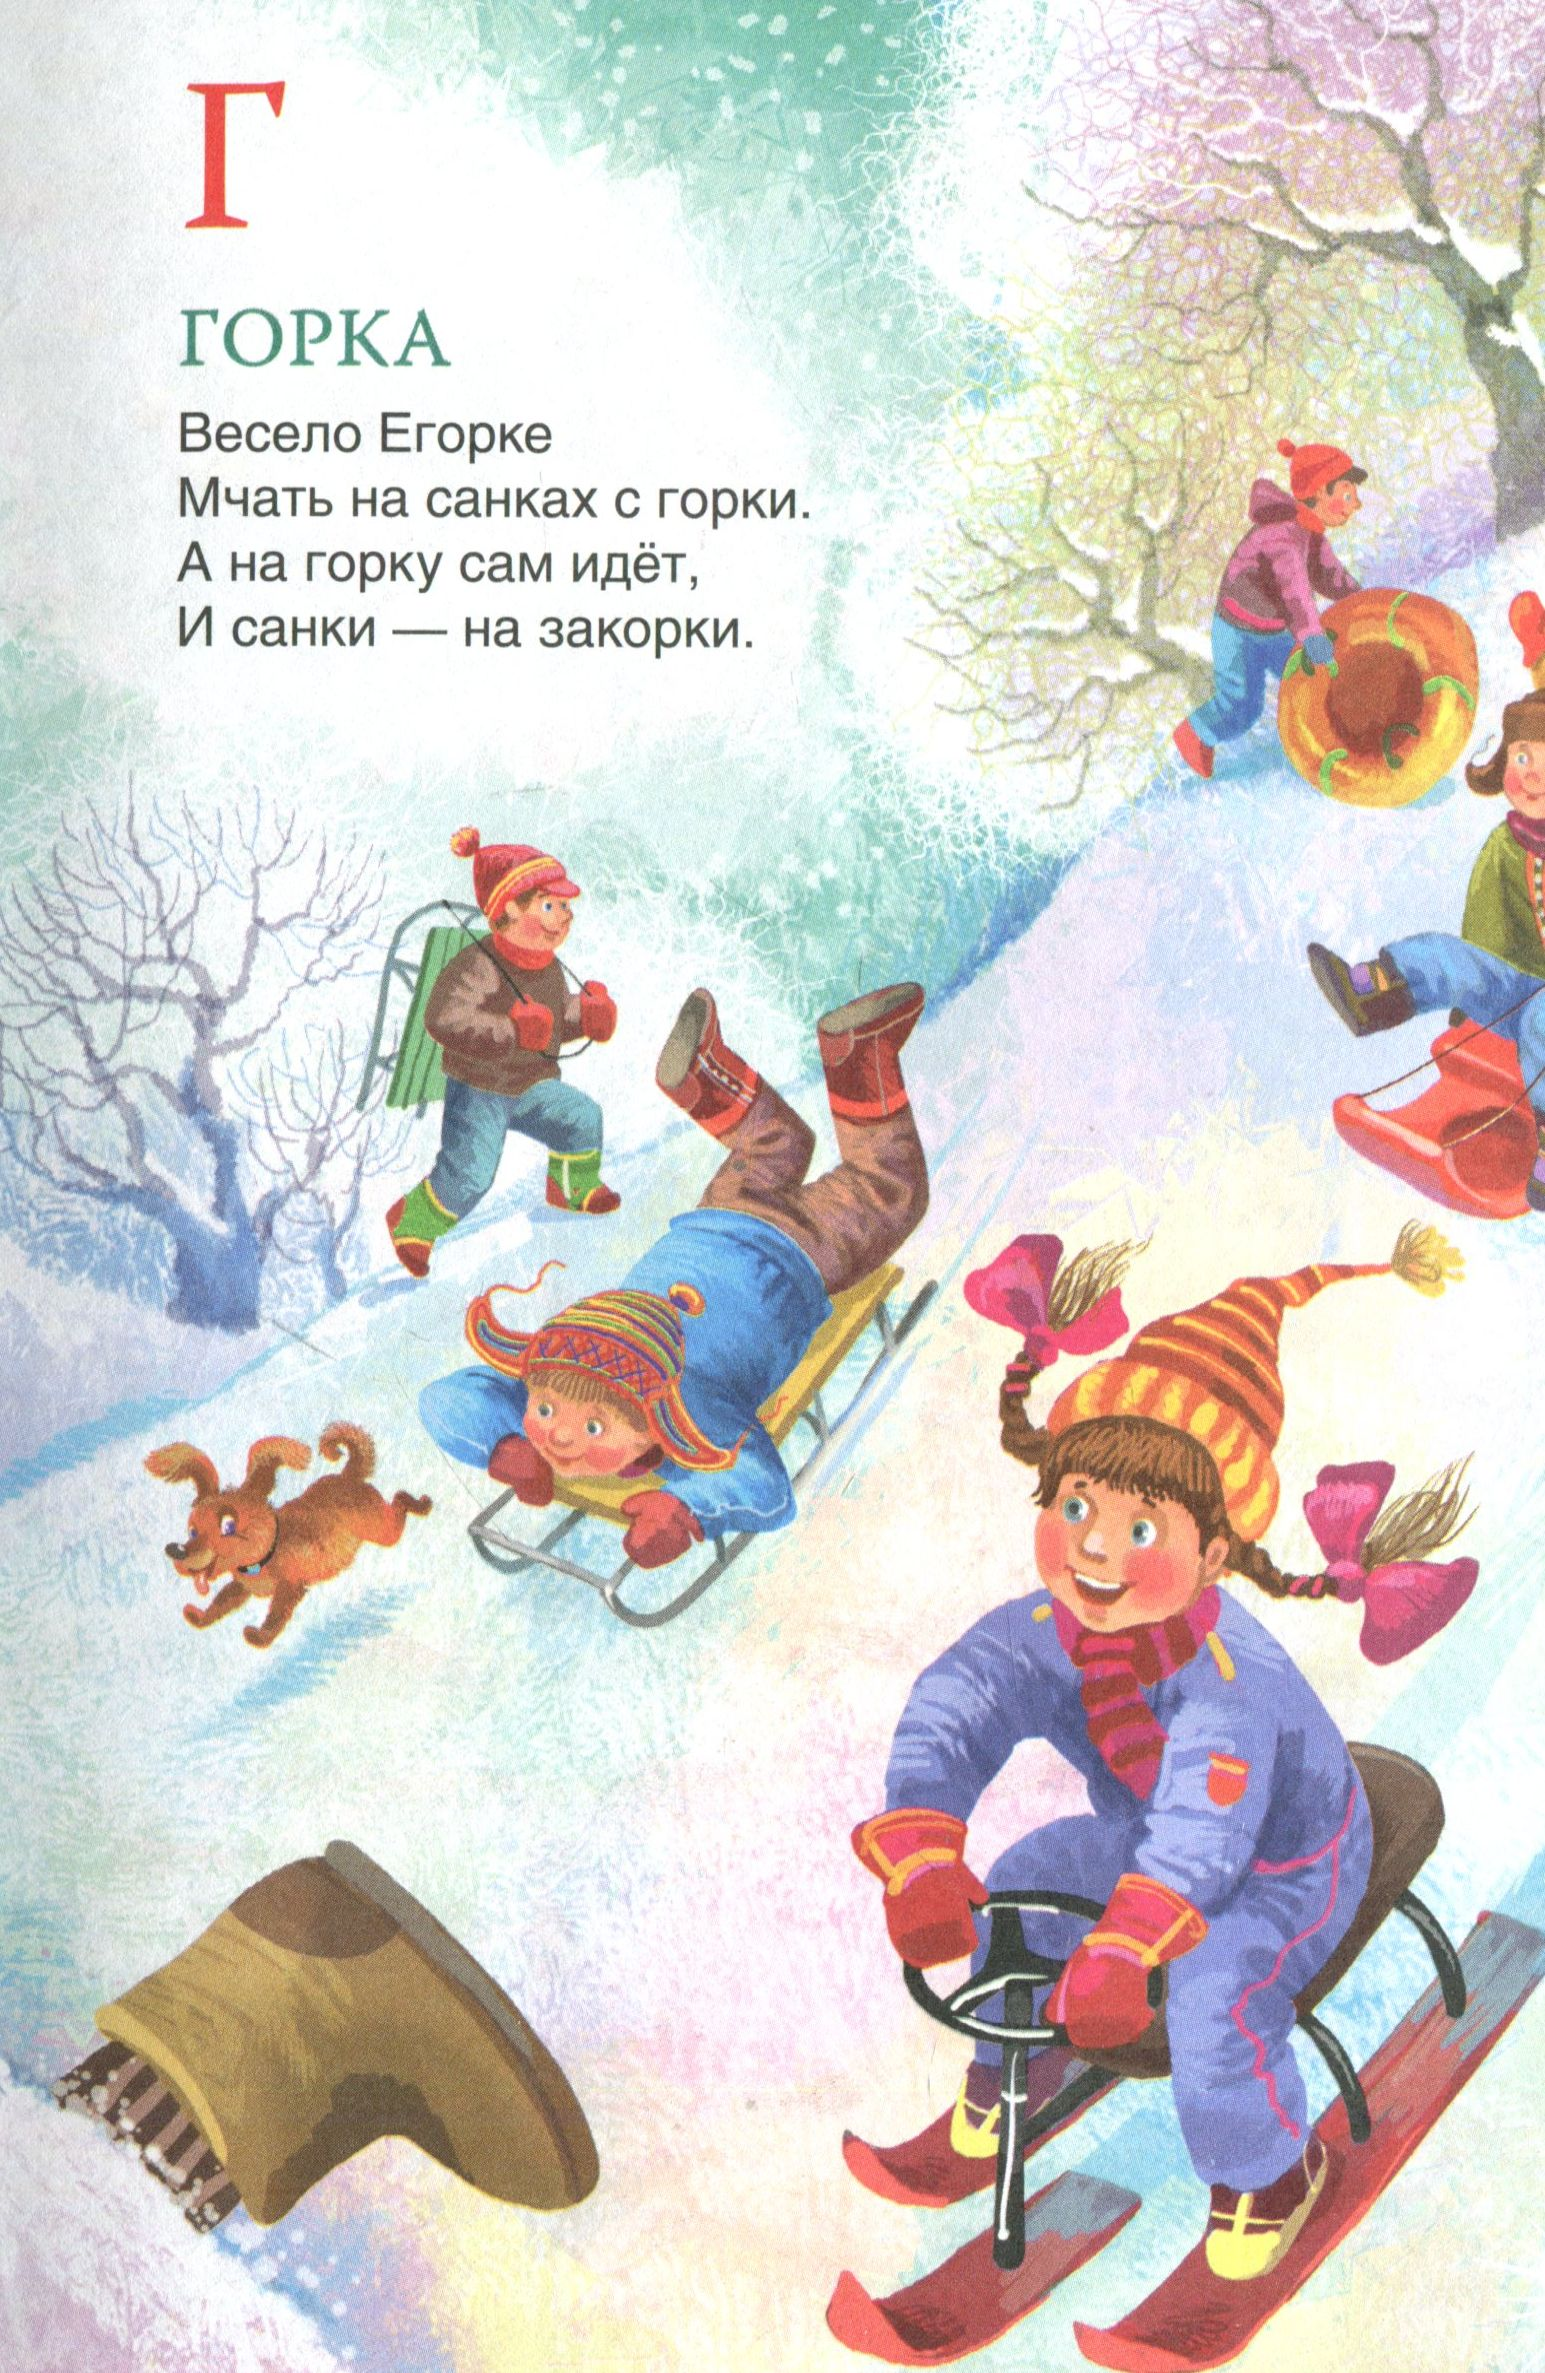 Большая книга деда мороза усачев скачать